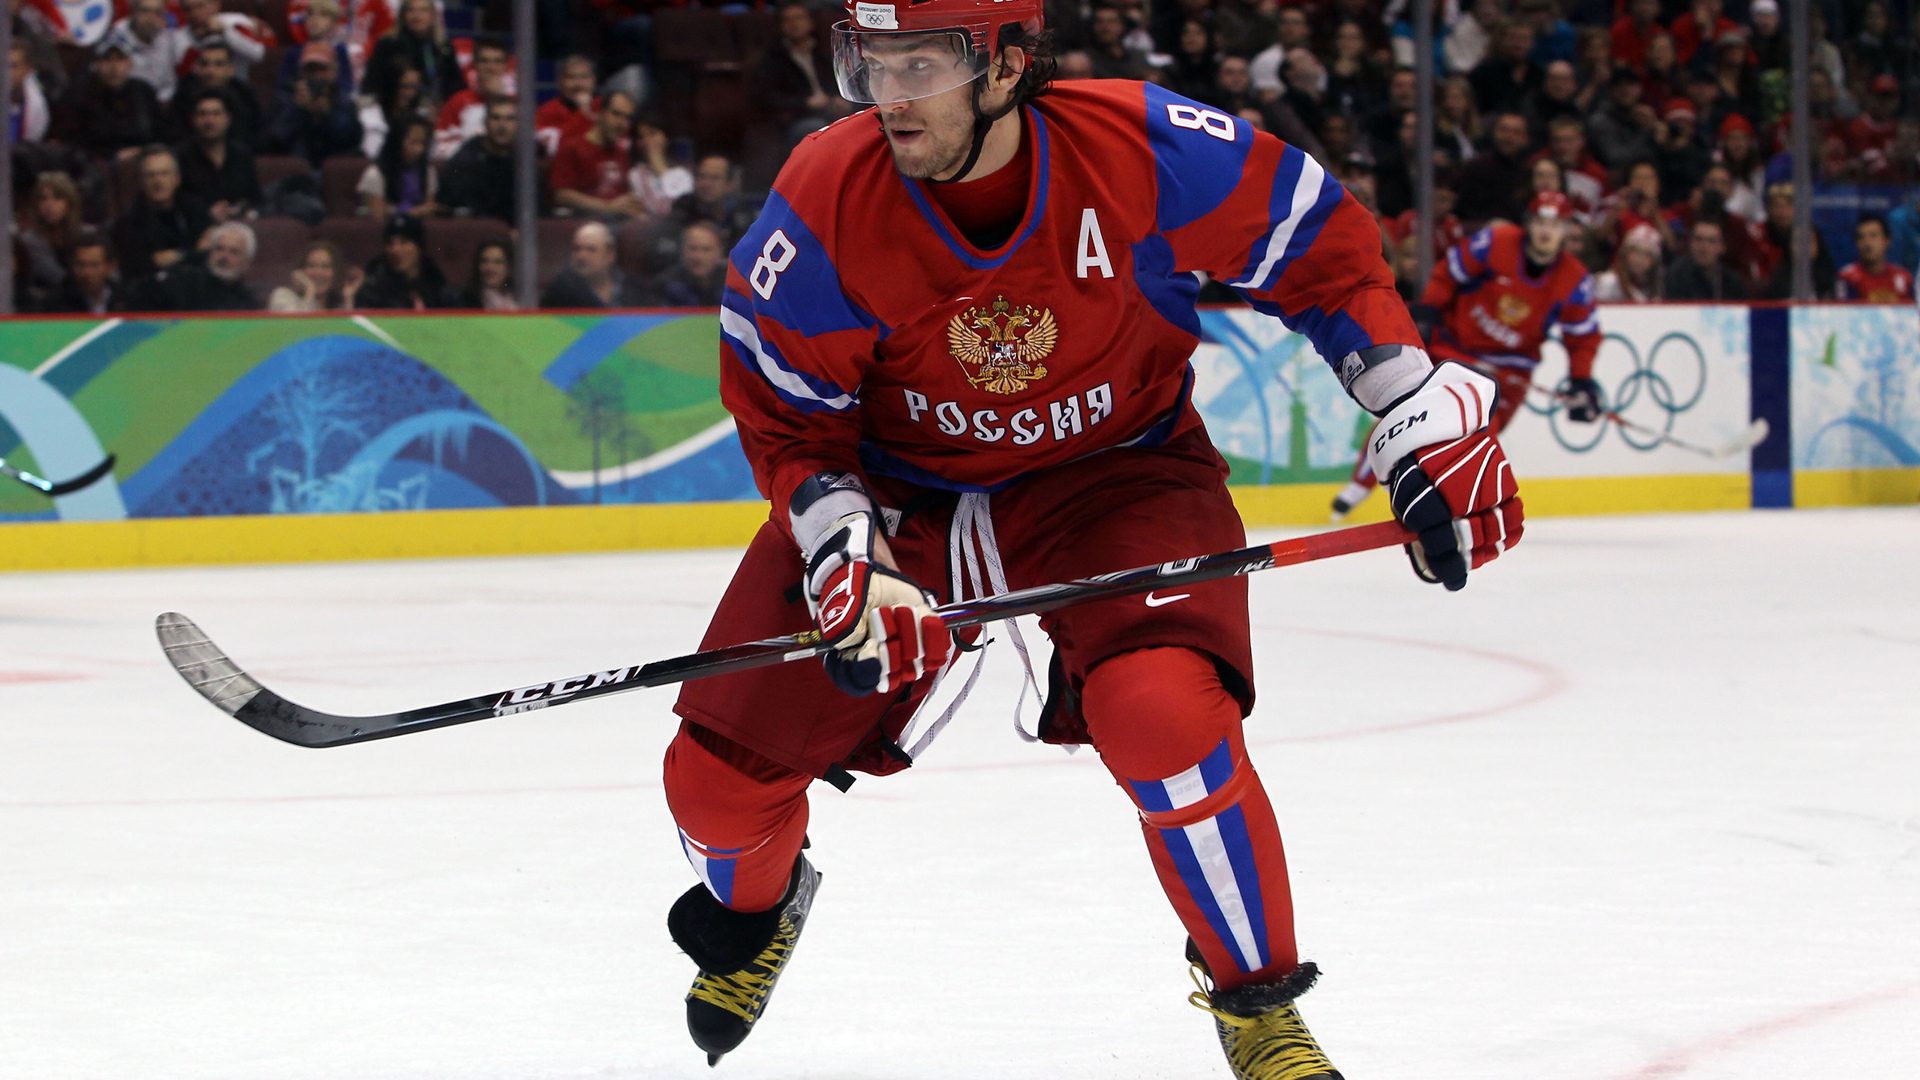 Картинки хоккеистов россия